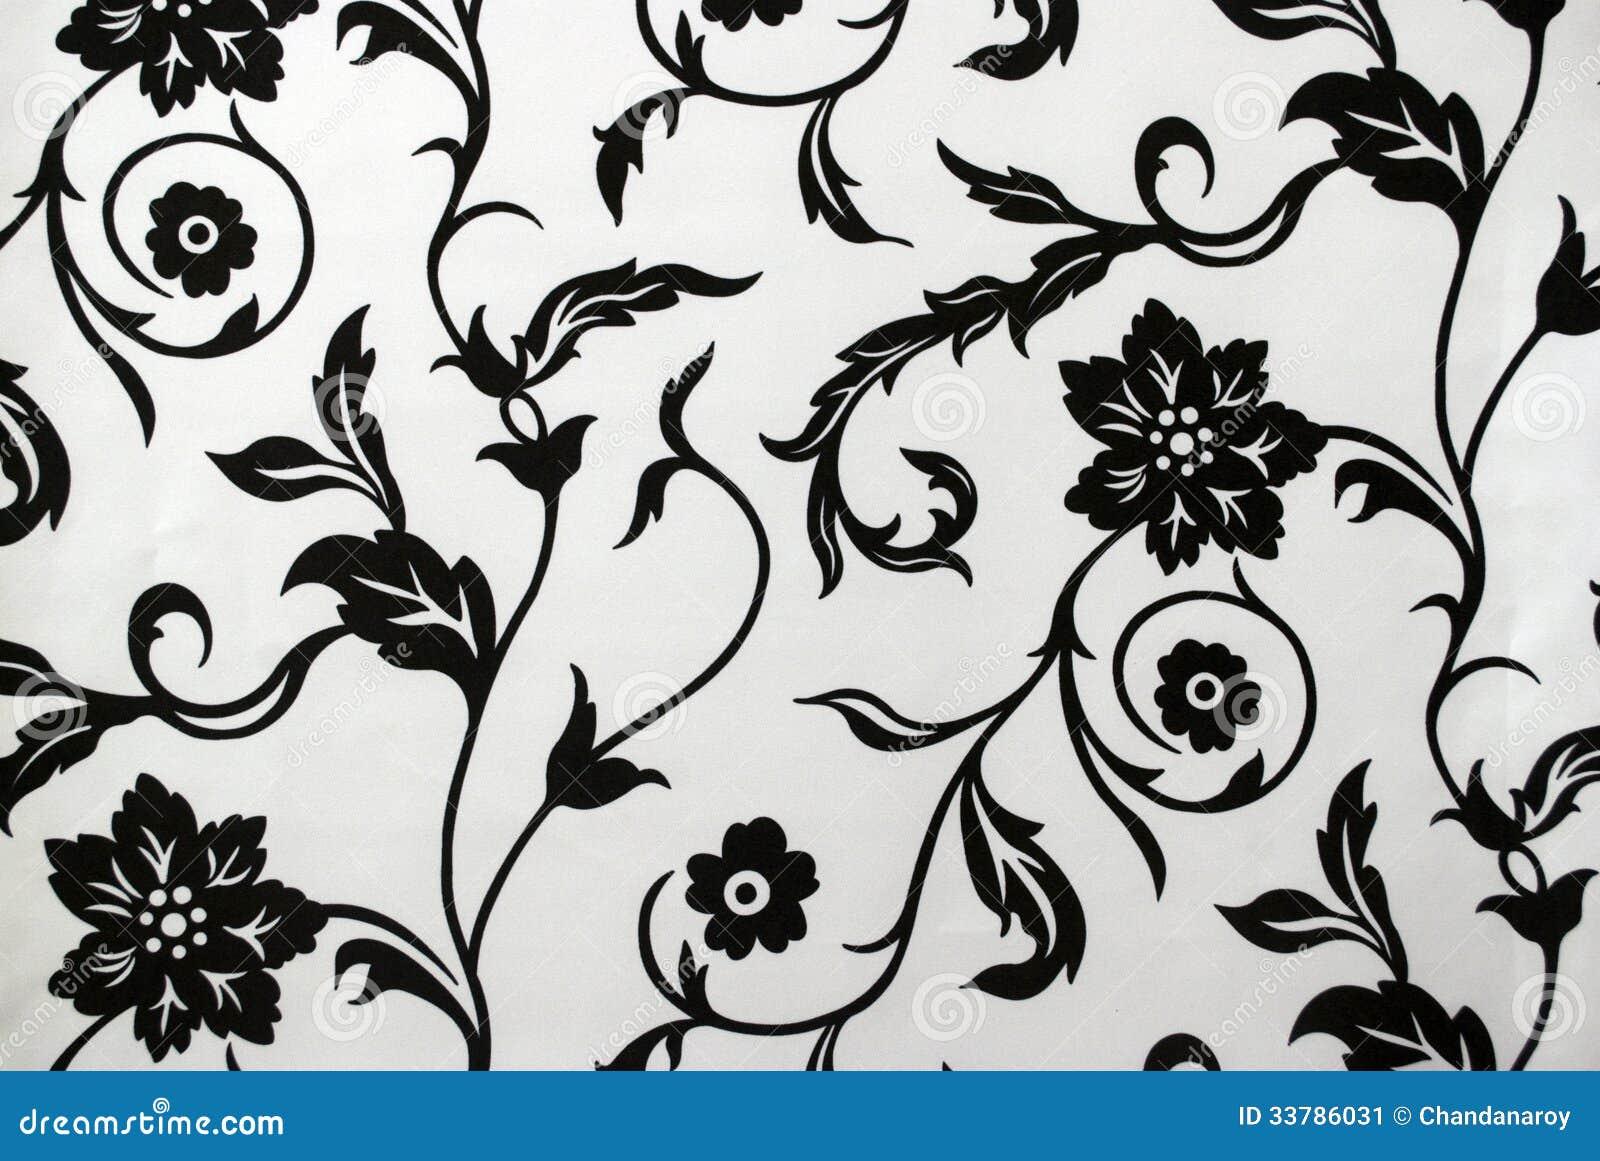 Modelo decorativo del papel pintado en blanco y negro for Papel pintado blanco y negro